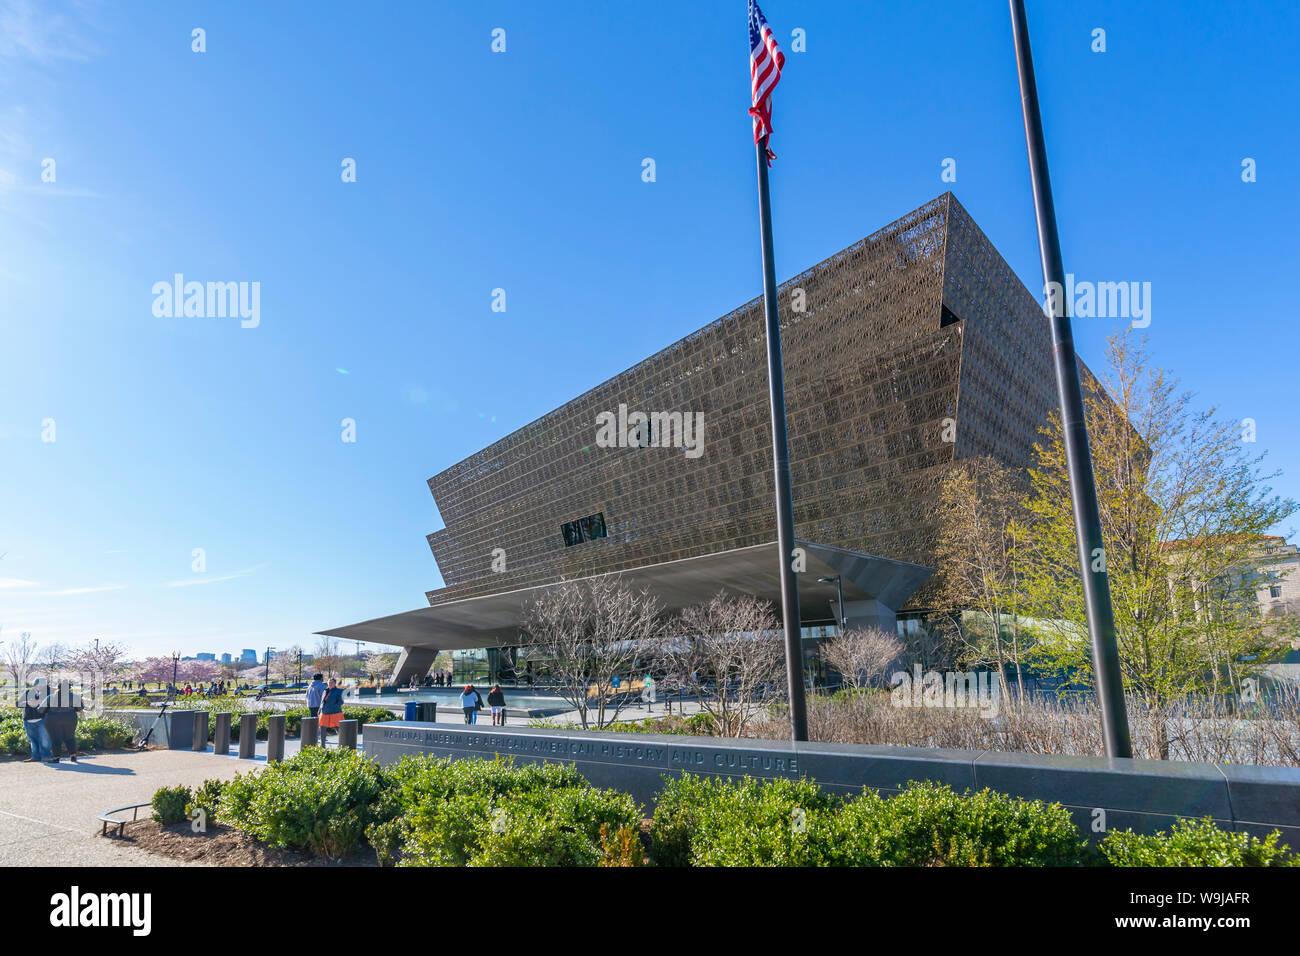 Le Musée National de l'histoire africaine américaine et de la Culture au printemps, Washington D.C., Etats-Unis d'Amérique, Amérique du Nord Banque D'Images